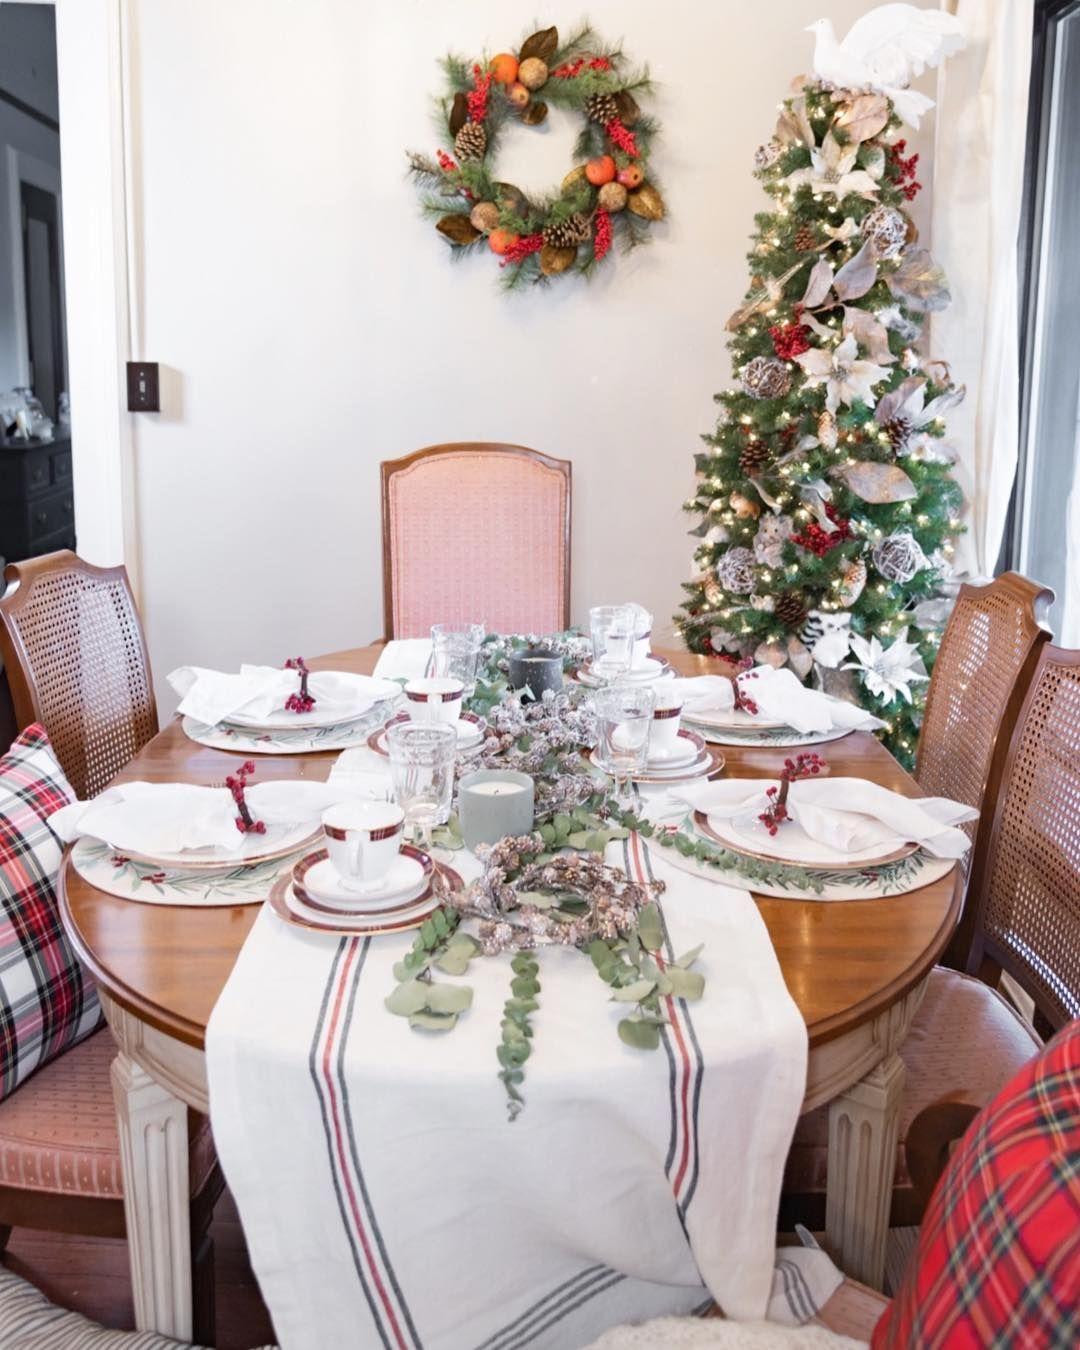 Decoração de natal para sala de jantar com arranjo de centro e guardanapo enfeitado.